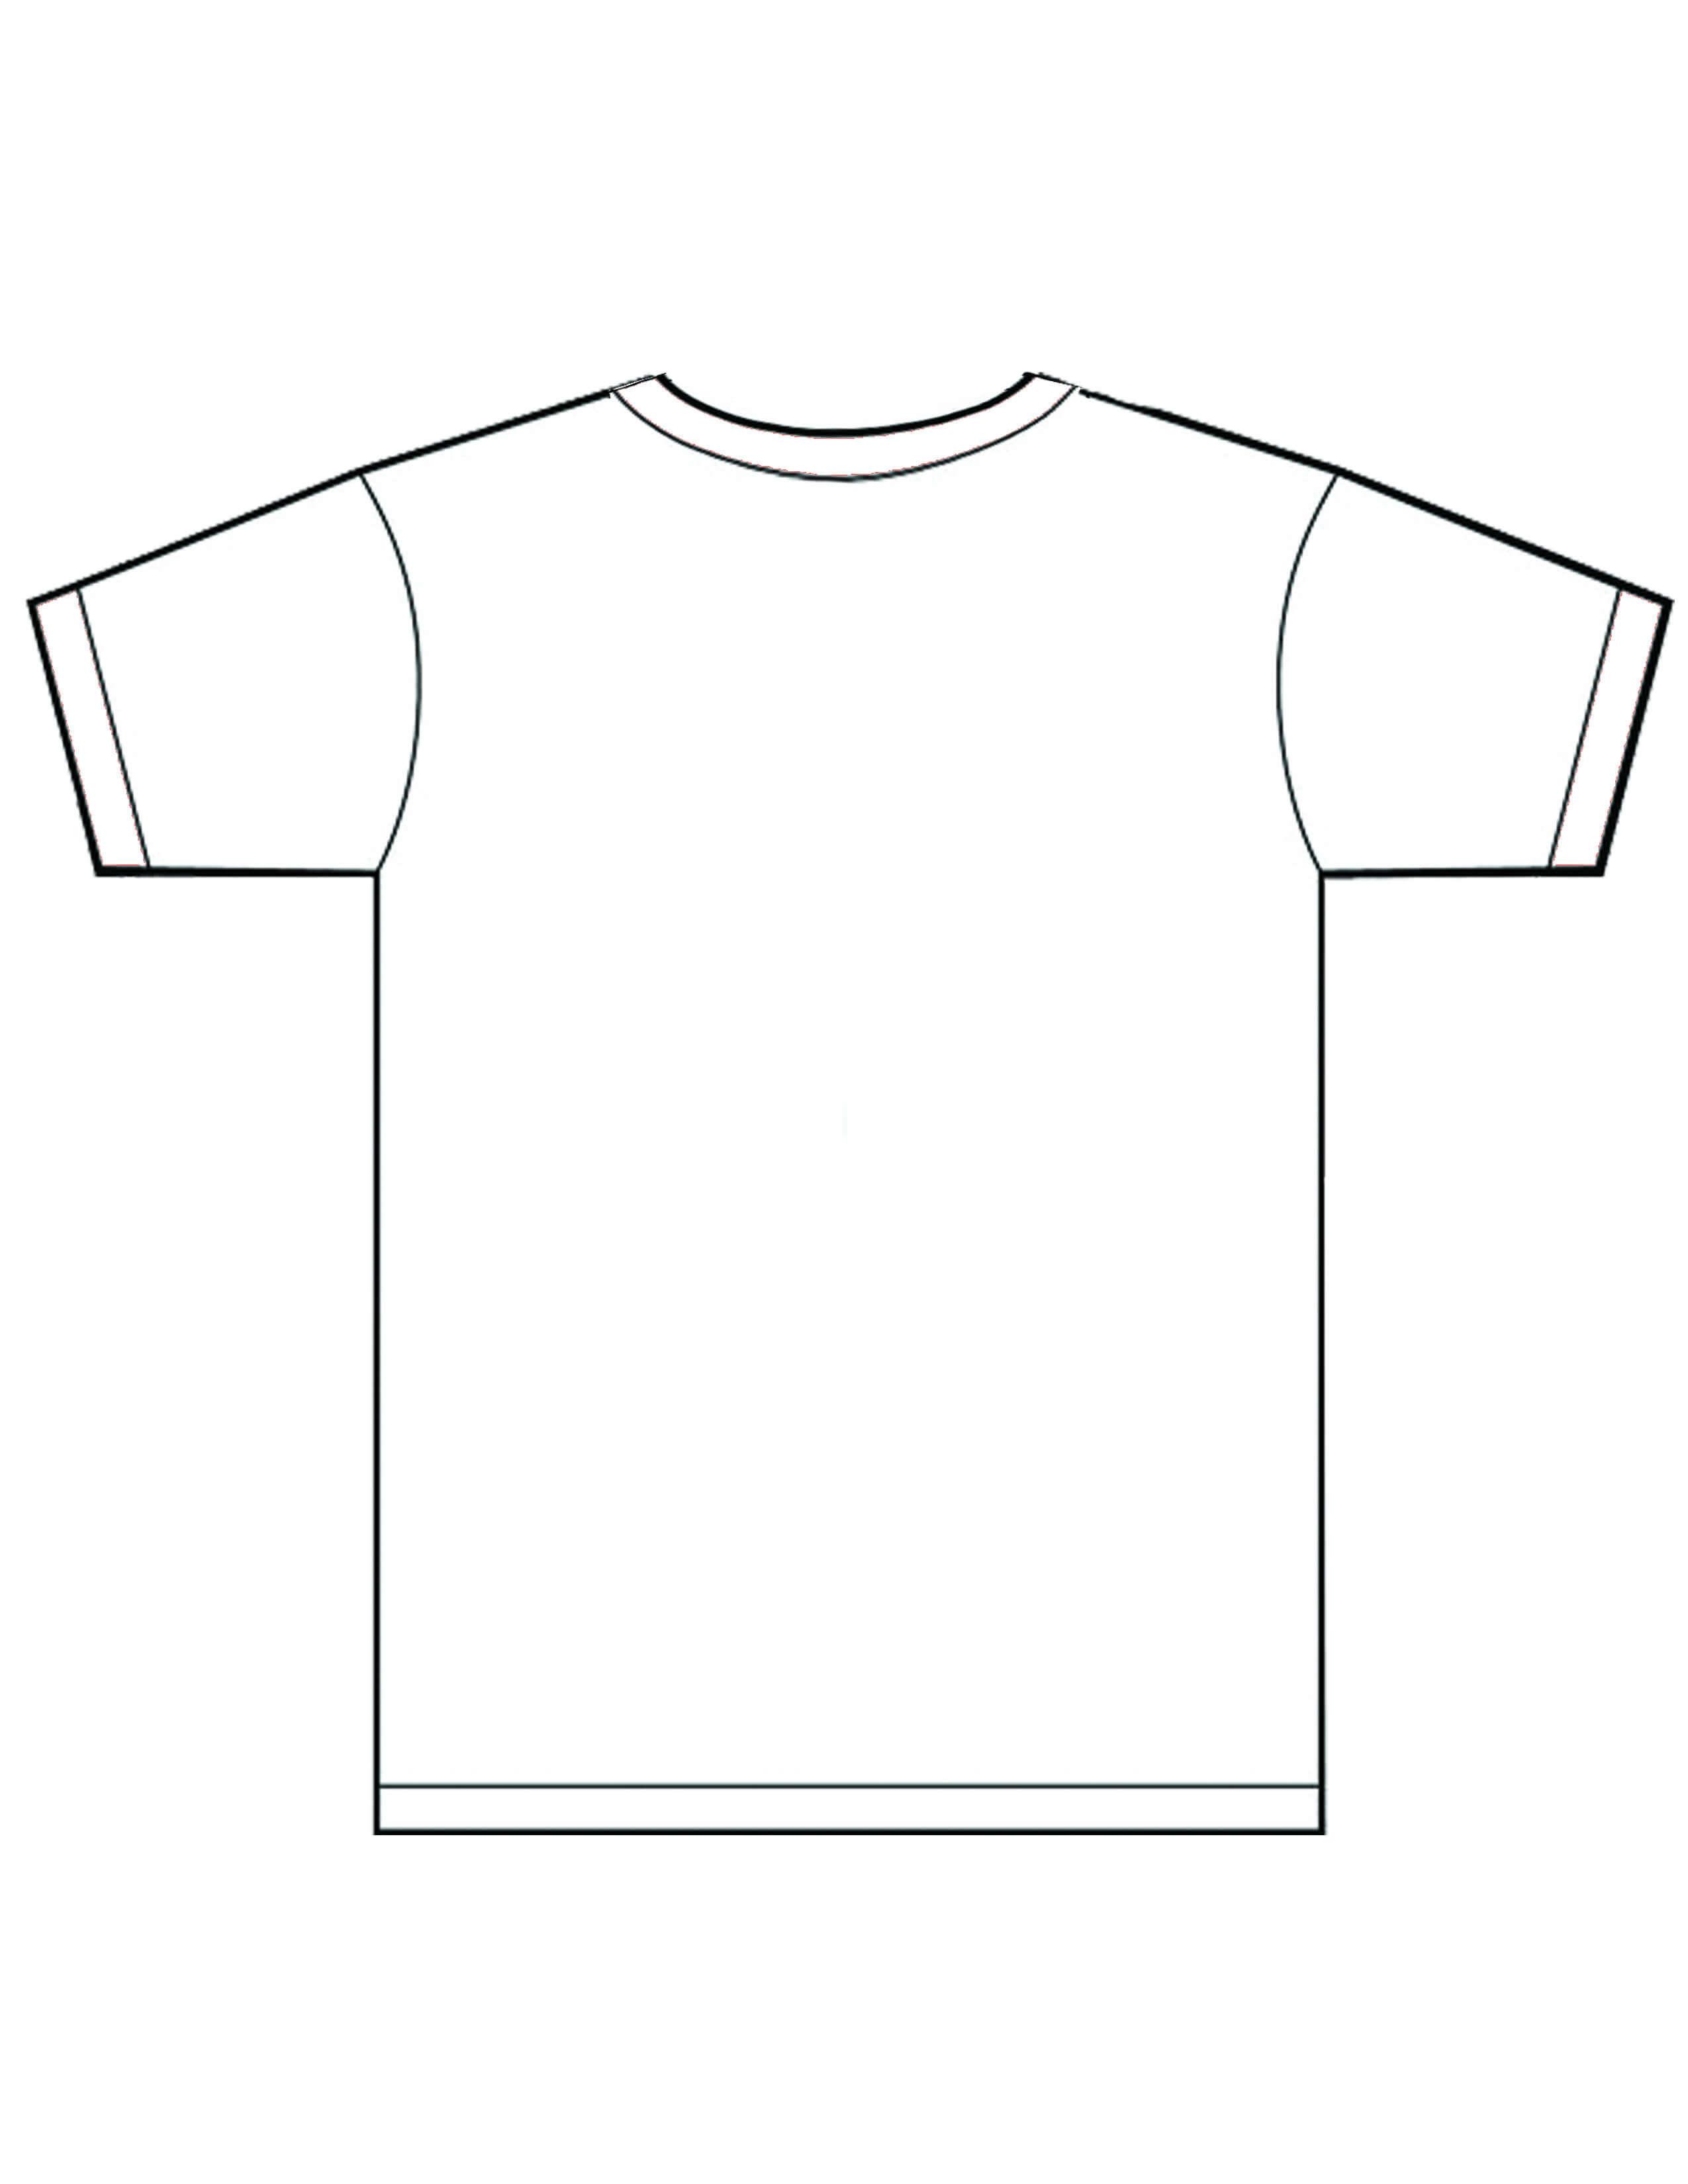 Blank Shirt Template Pdf | Azərbaycan Dillər Universiteti For Blank Tshirt Template Pdf